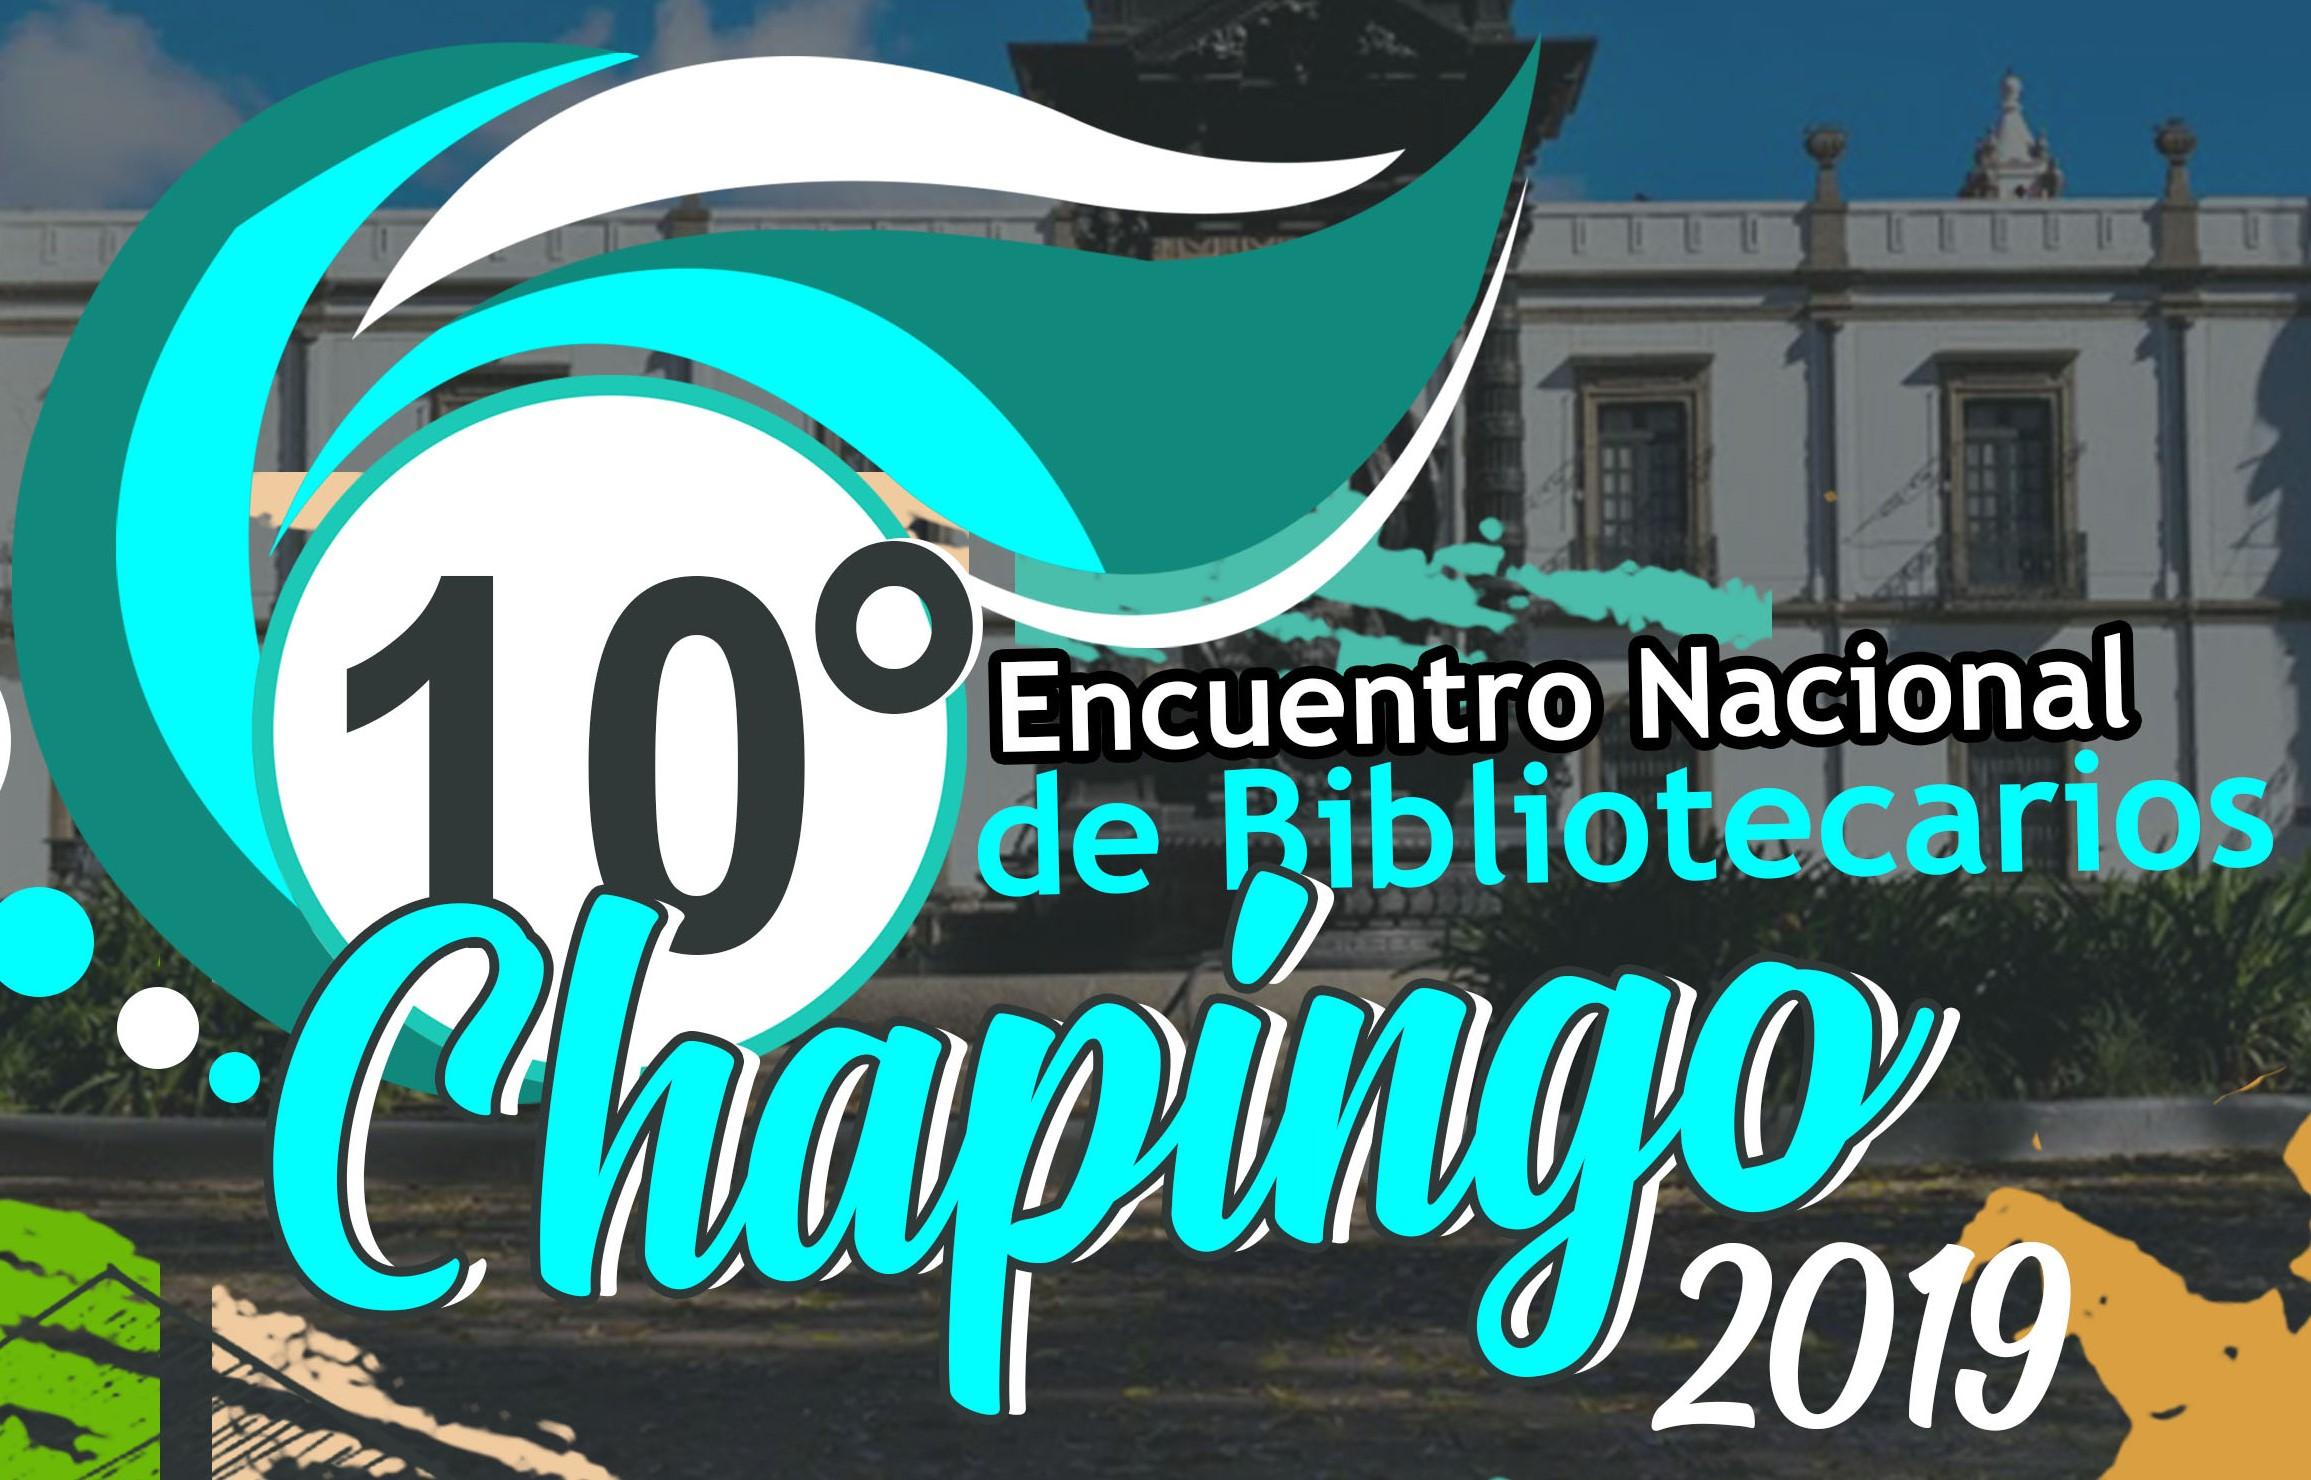 10° Encuentro Nacional de Bibliotecarios